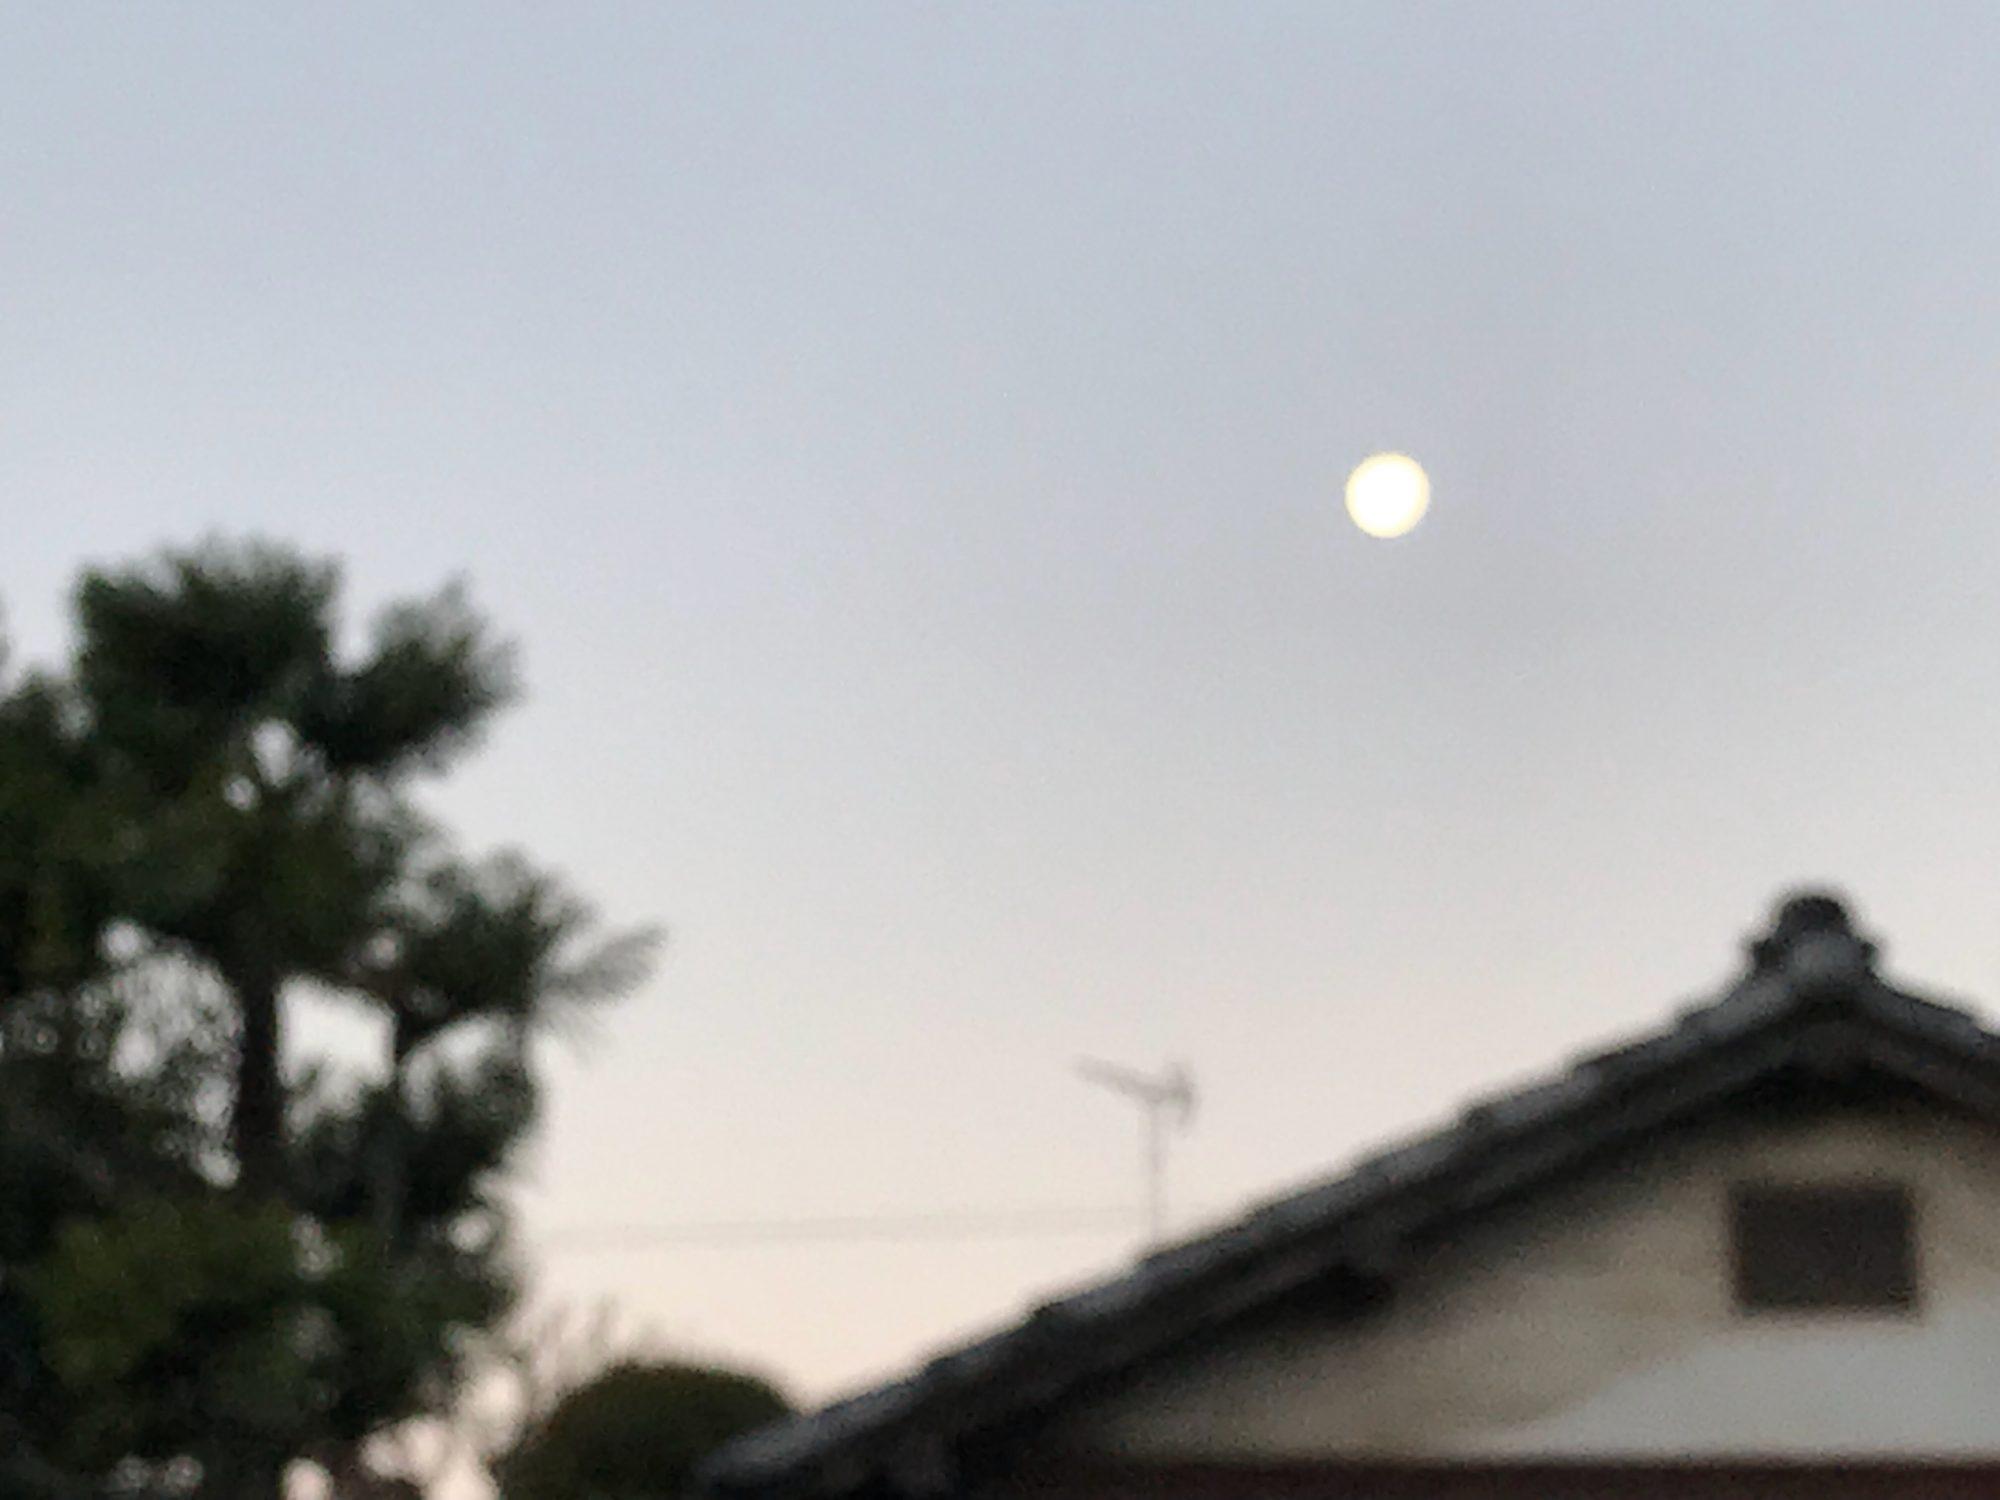 夜明けのお月さま